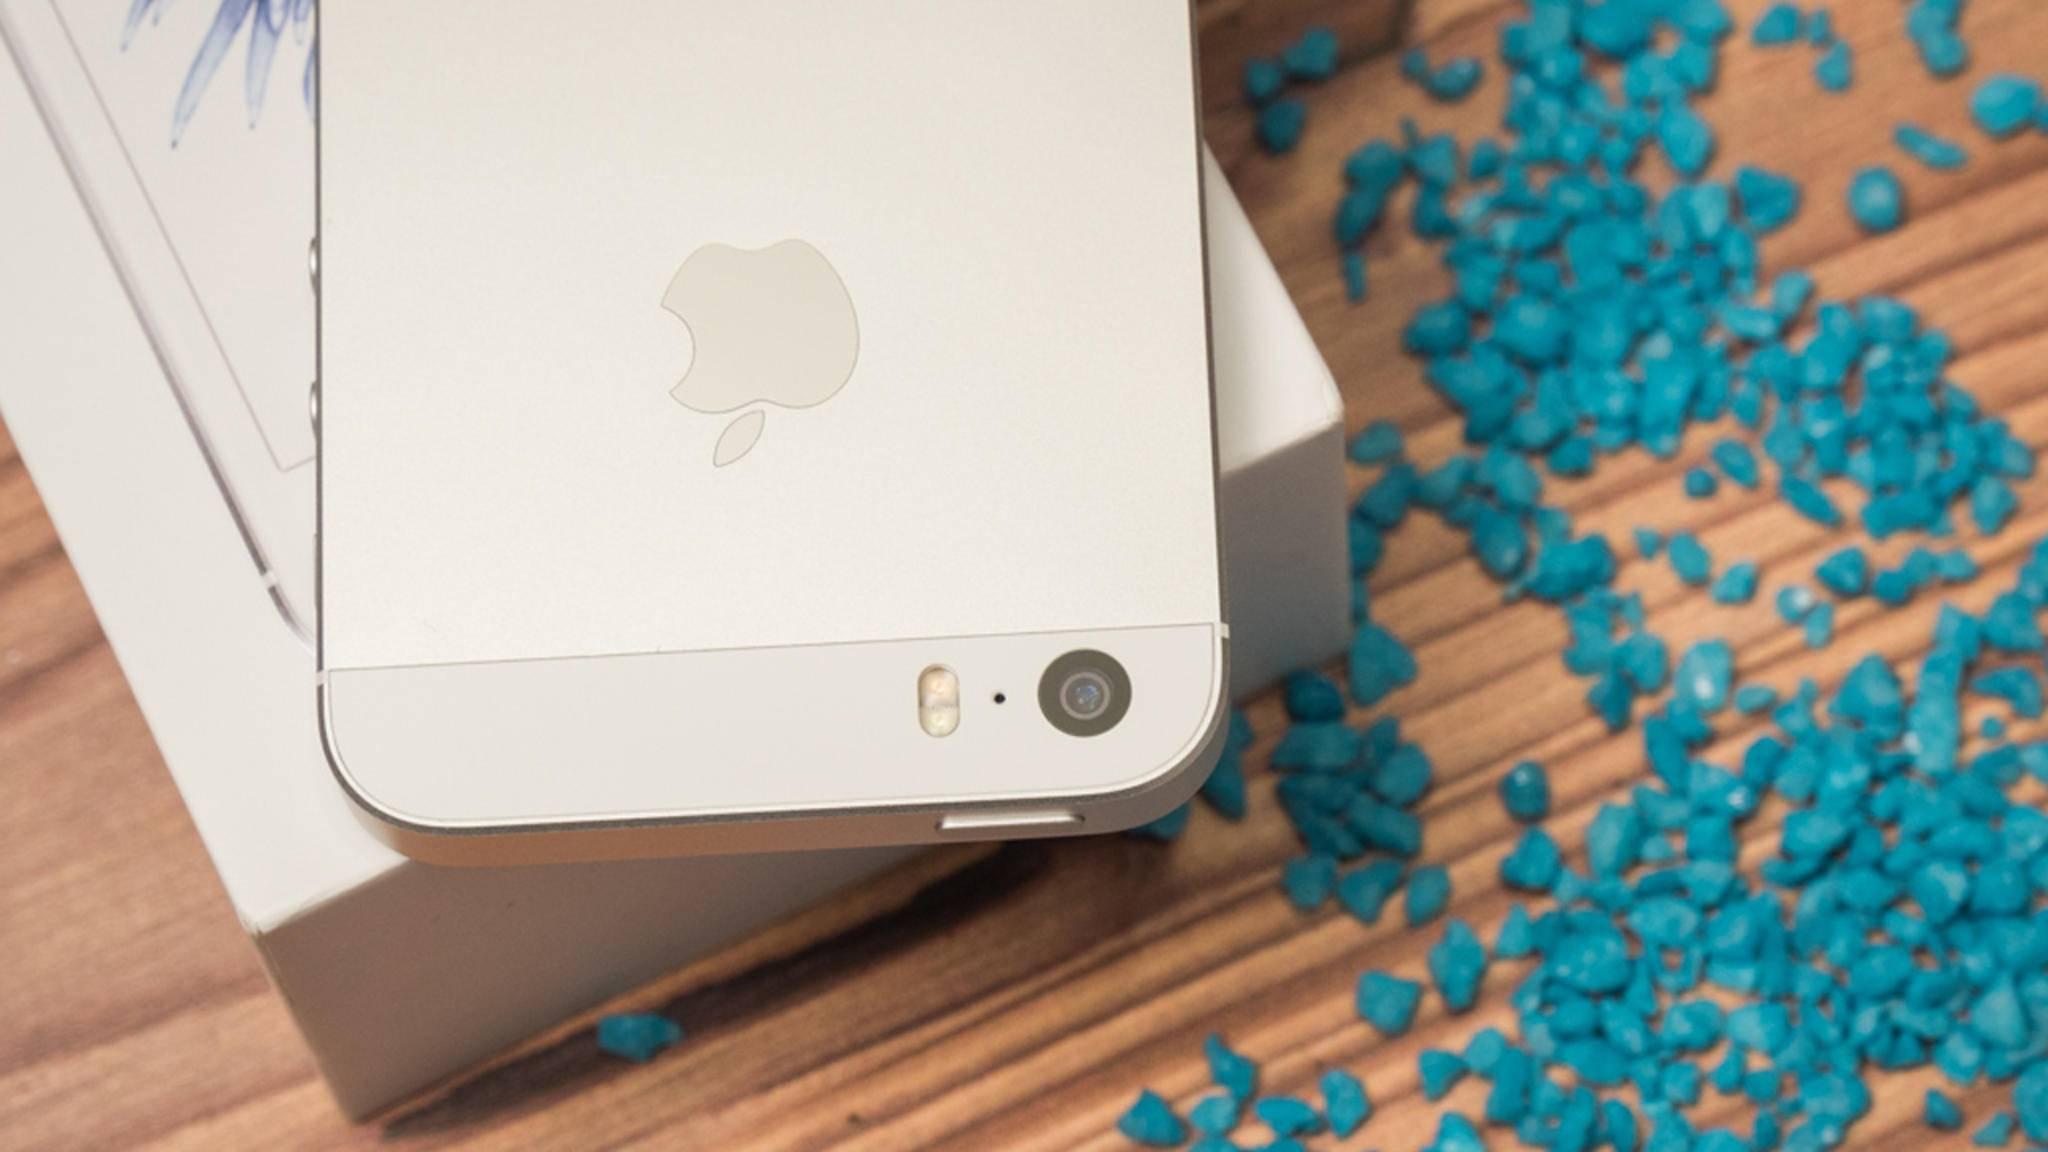 Der Nachfolger des ersten iPhone SE soll eine Rückseite aus Glas bekommen.